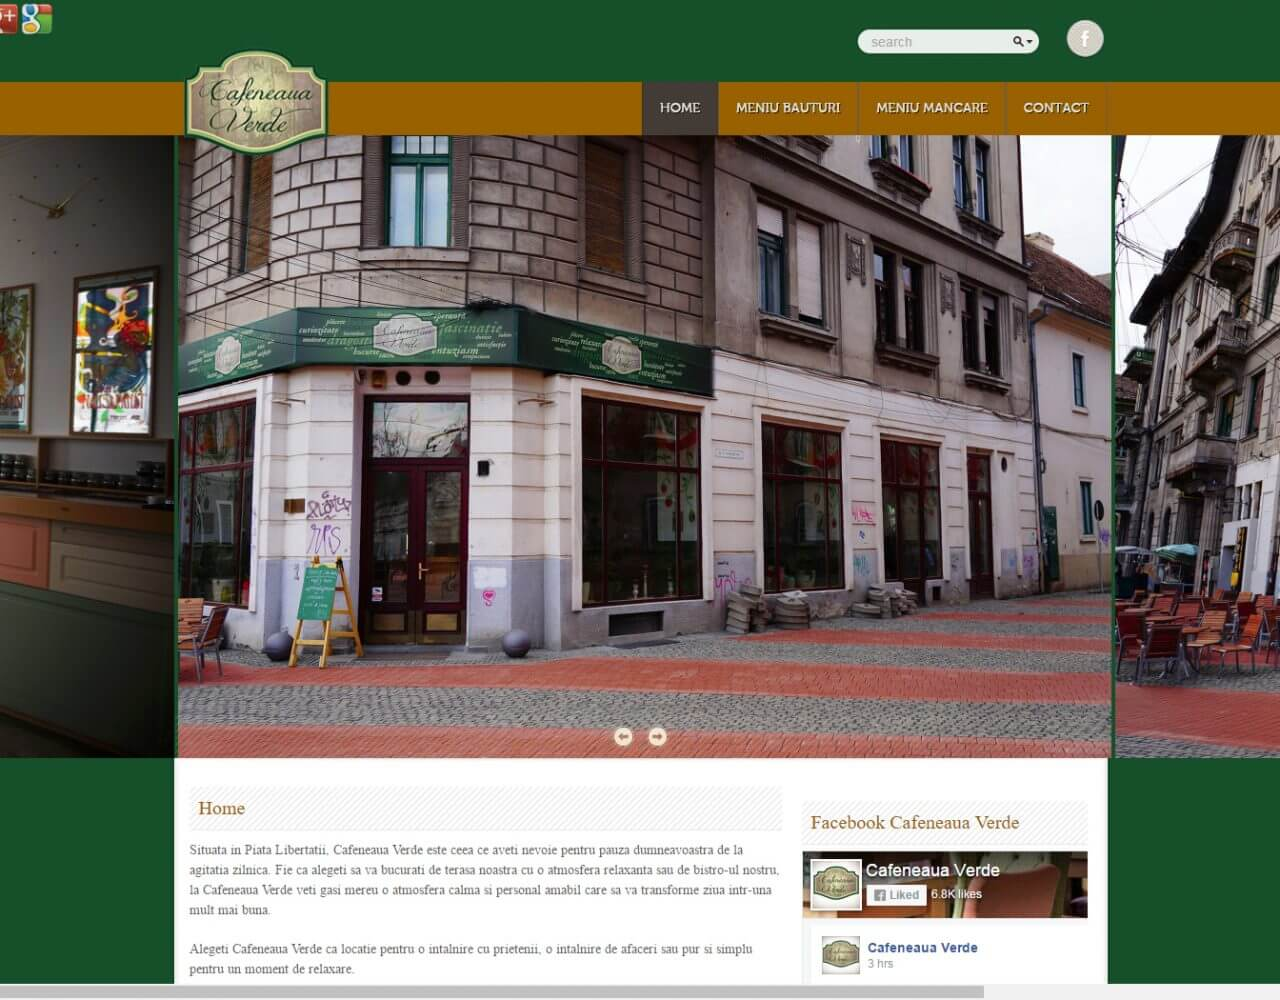 optimizare seo agentie web design timisoara cafeneaua verde